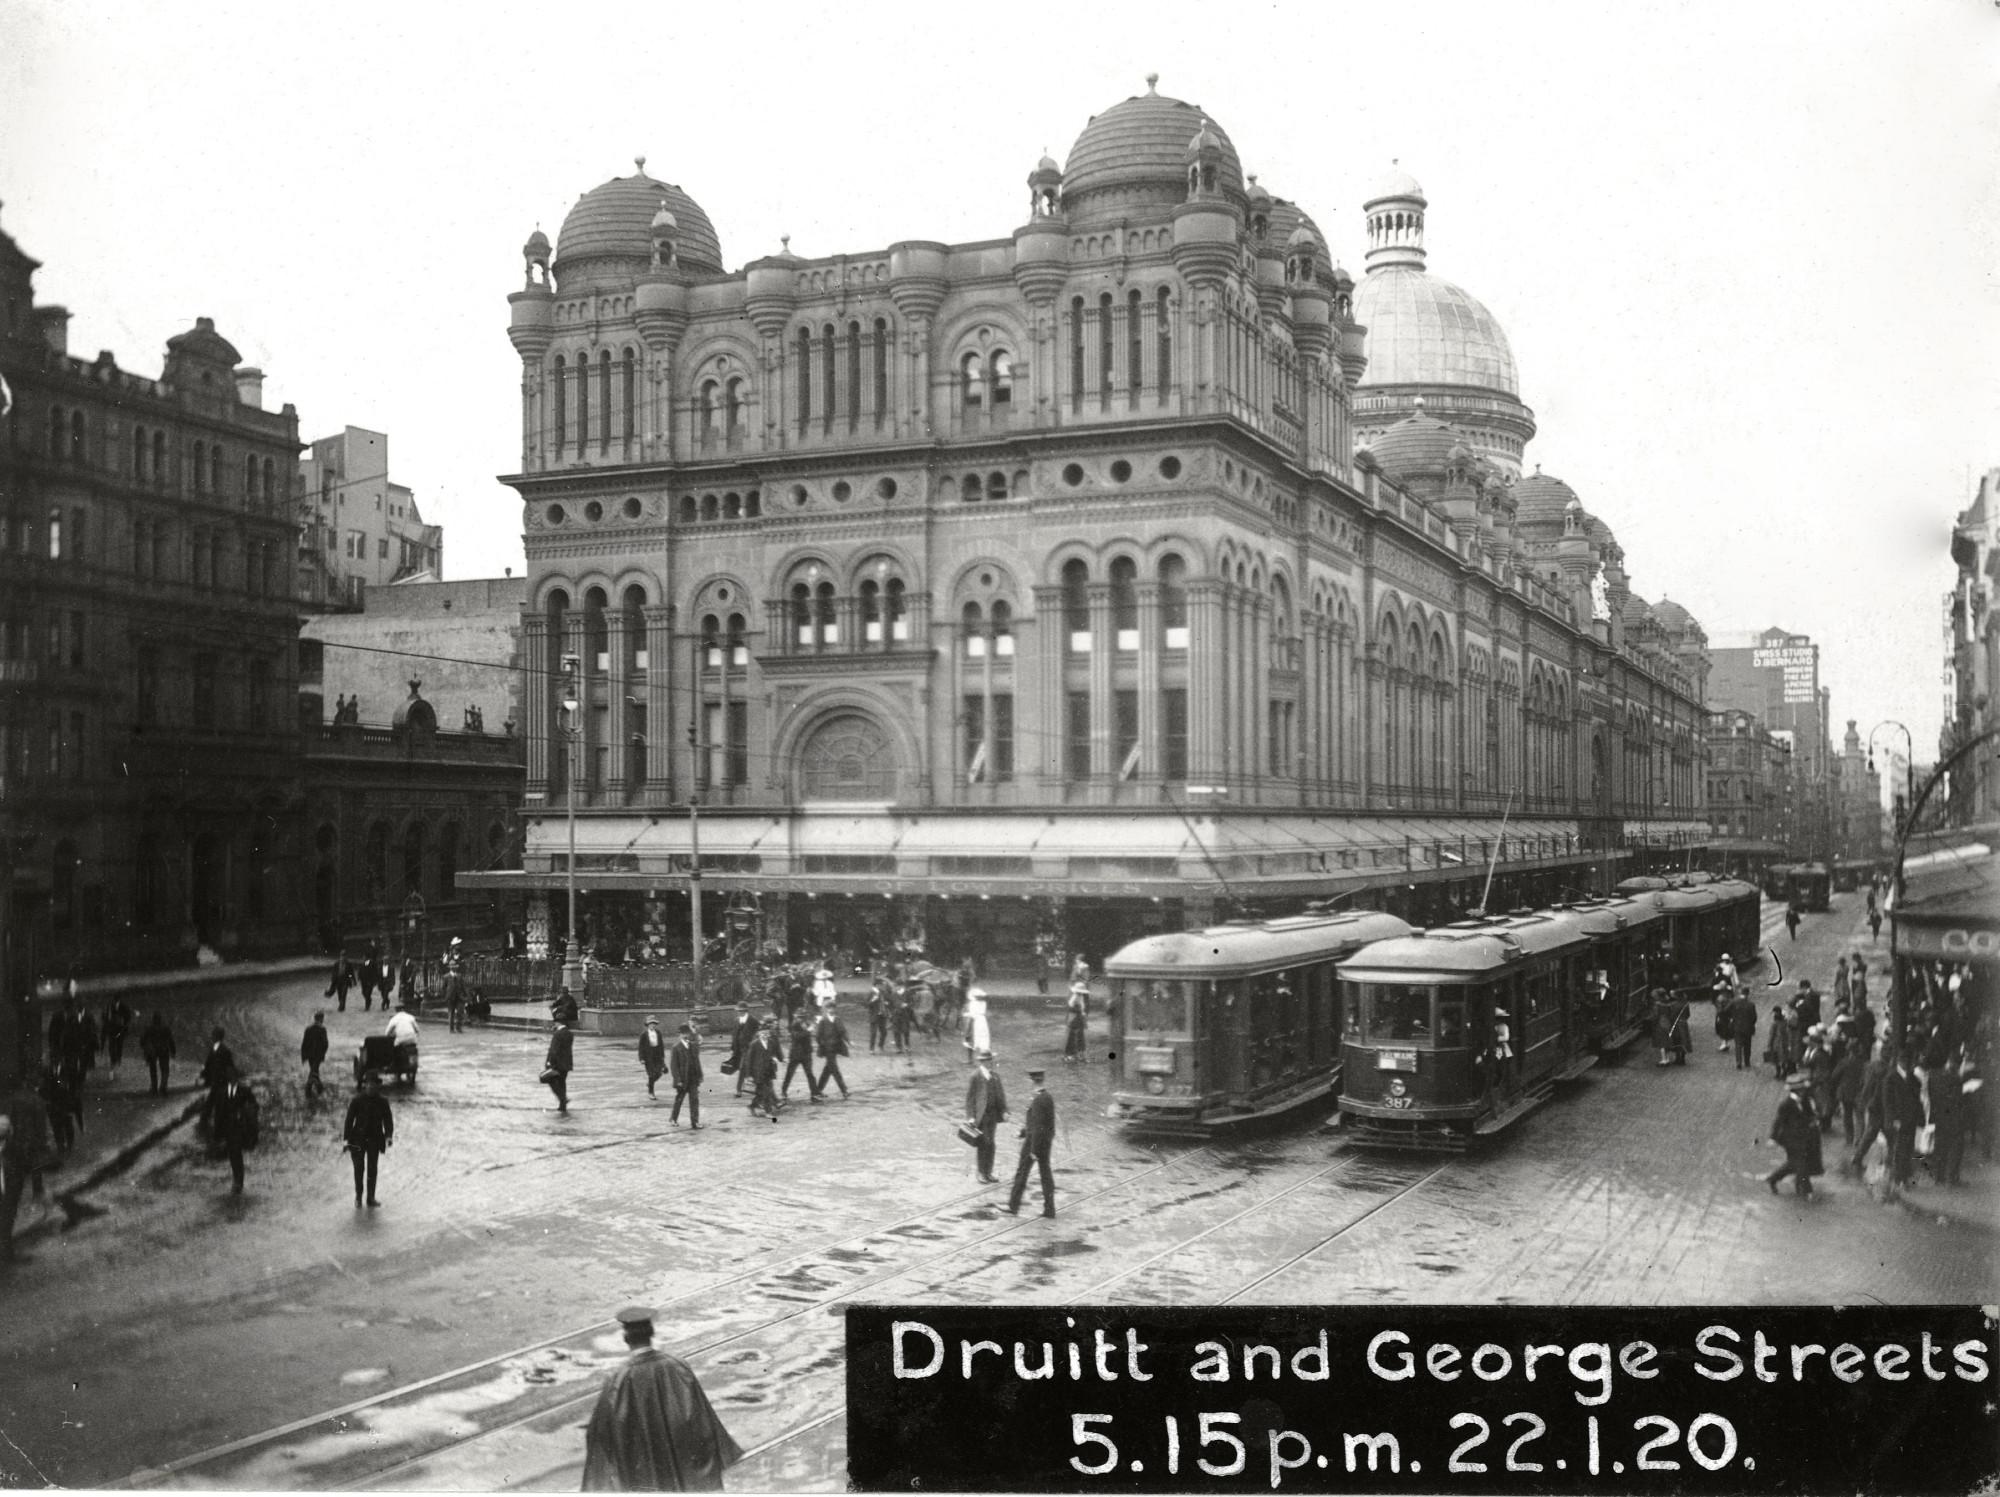 Трамваи в Сиднее в 1920 году возле Дома королевы Виктории Queen Victoria Building на углу улиц Друитт и Джордж.jpg